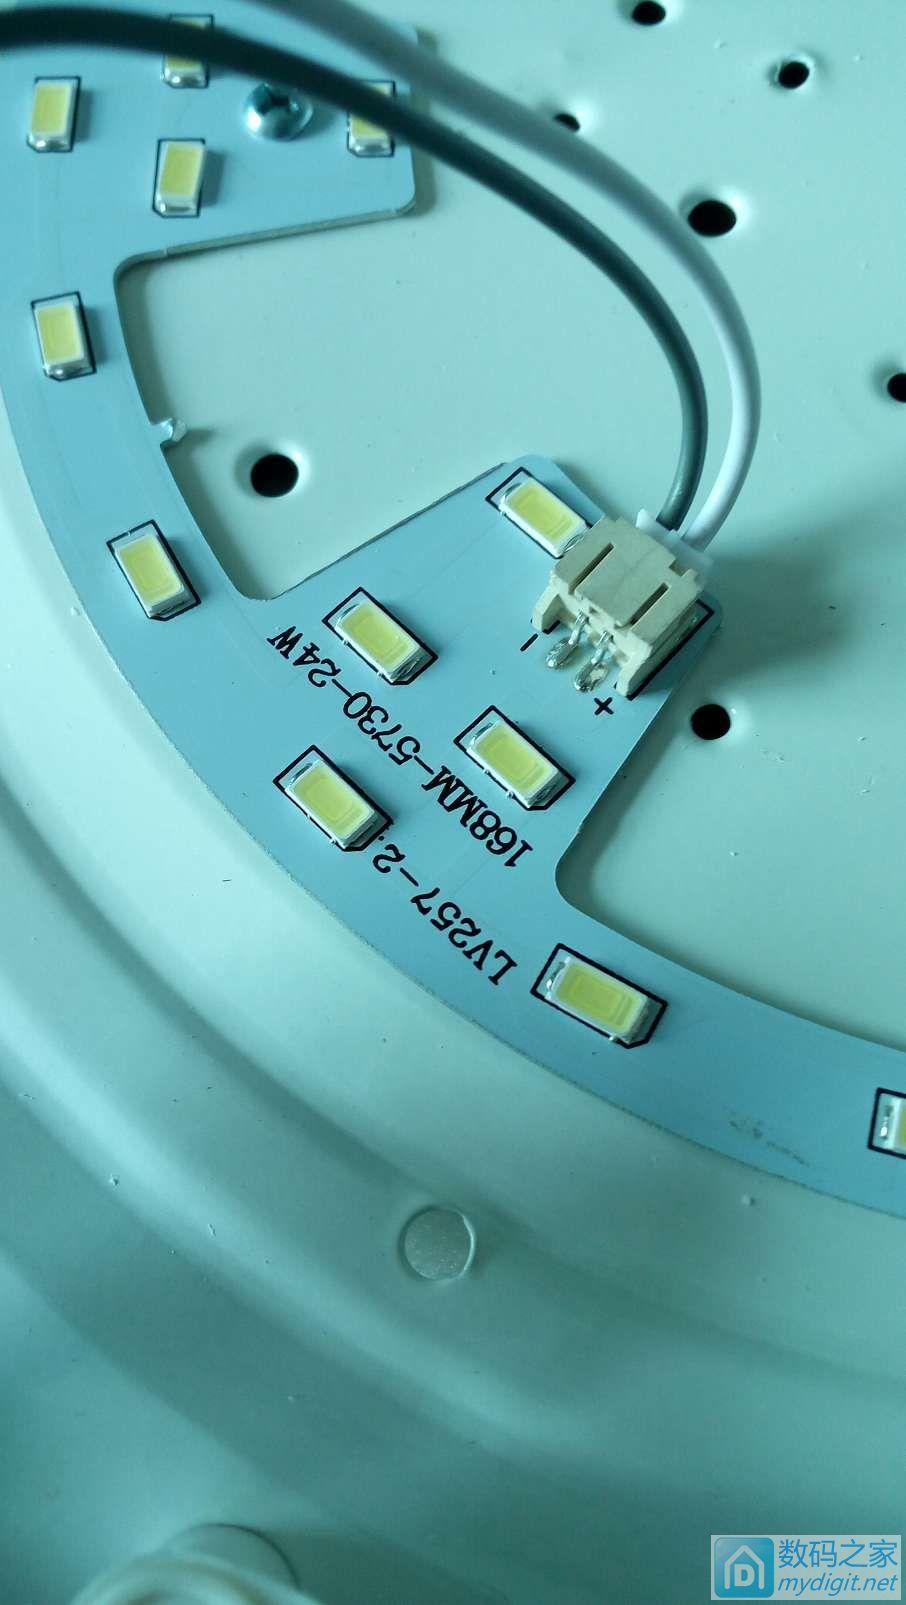 X 宝8.8包邮的LED吸顶灯!到货了!这个价格还是很值得!